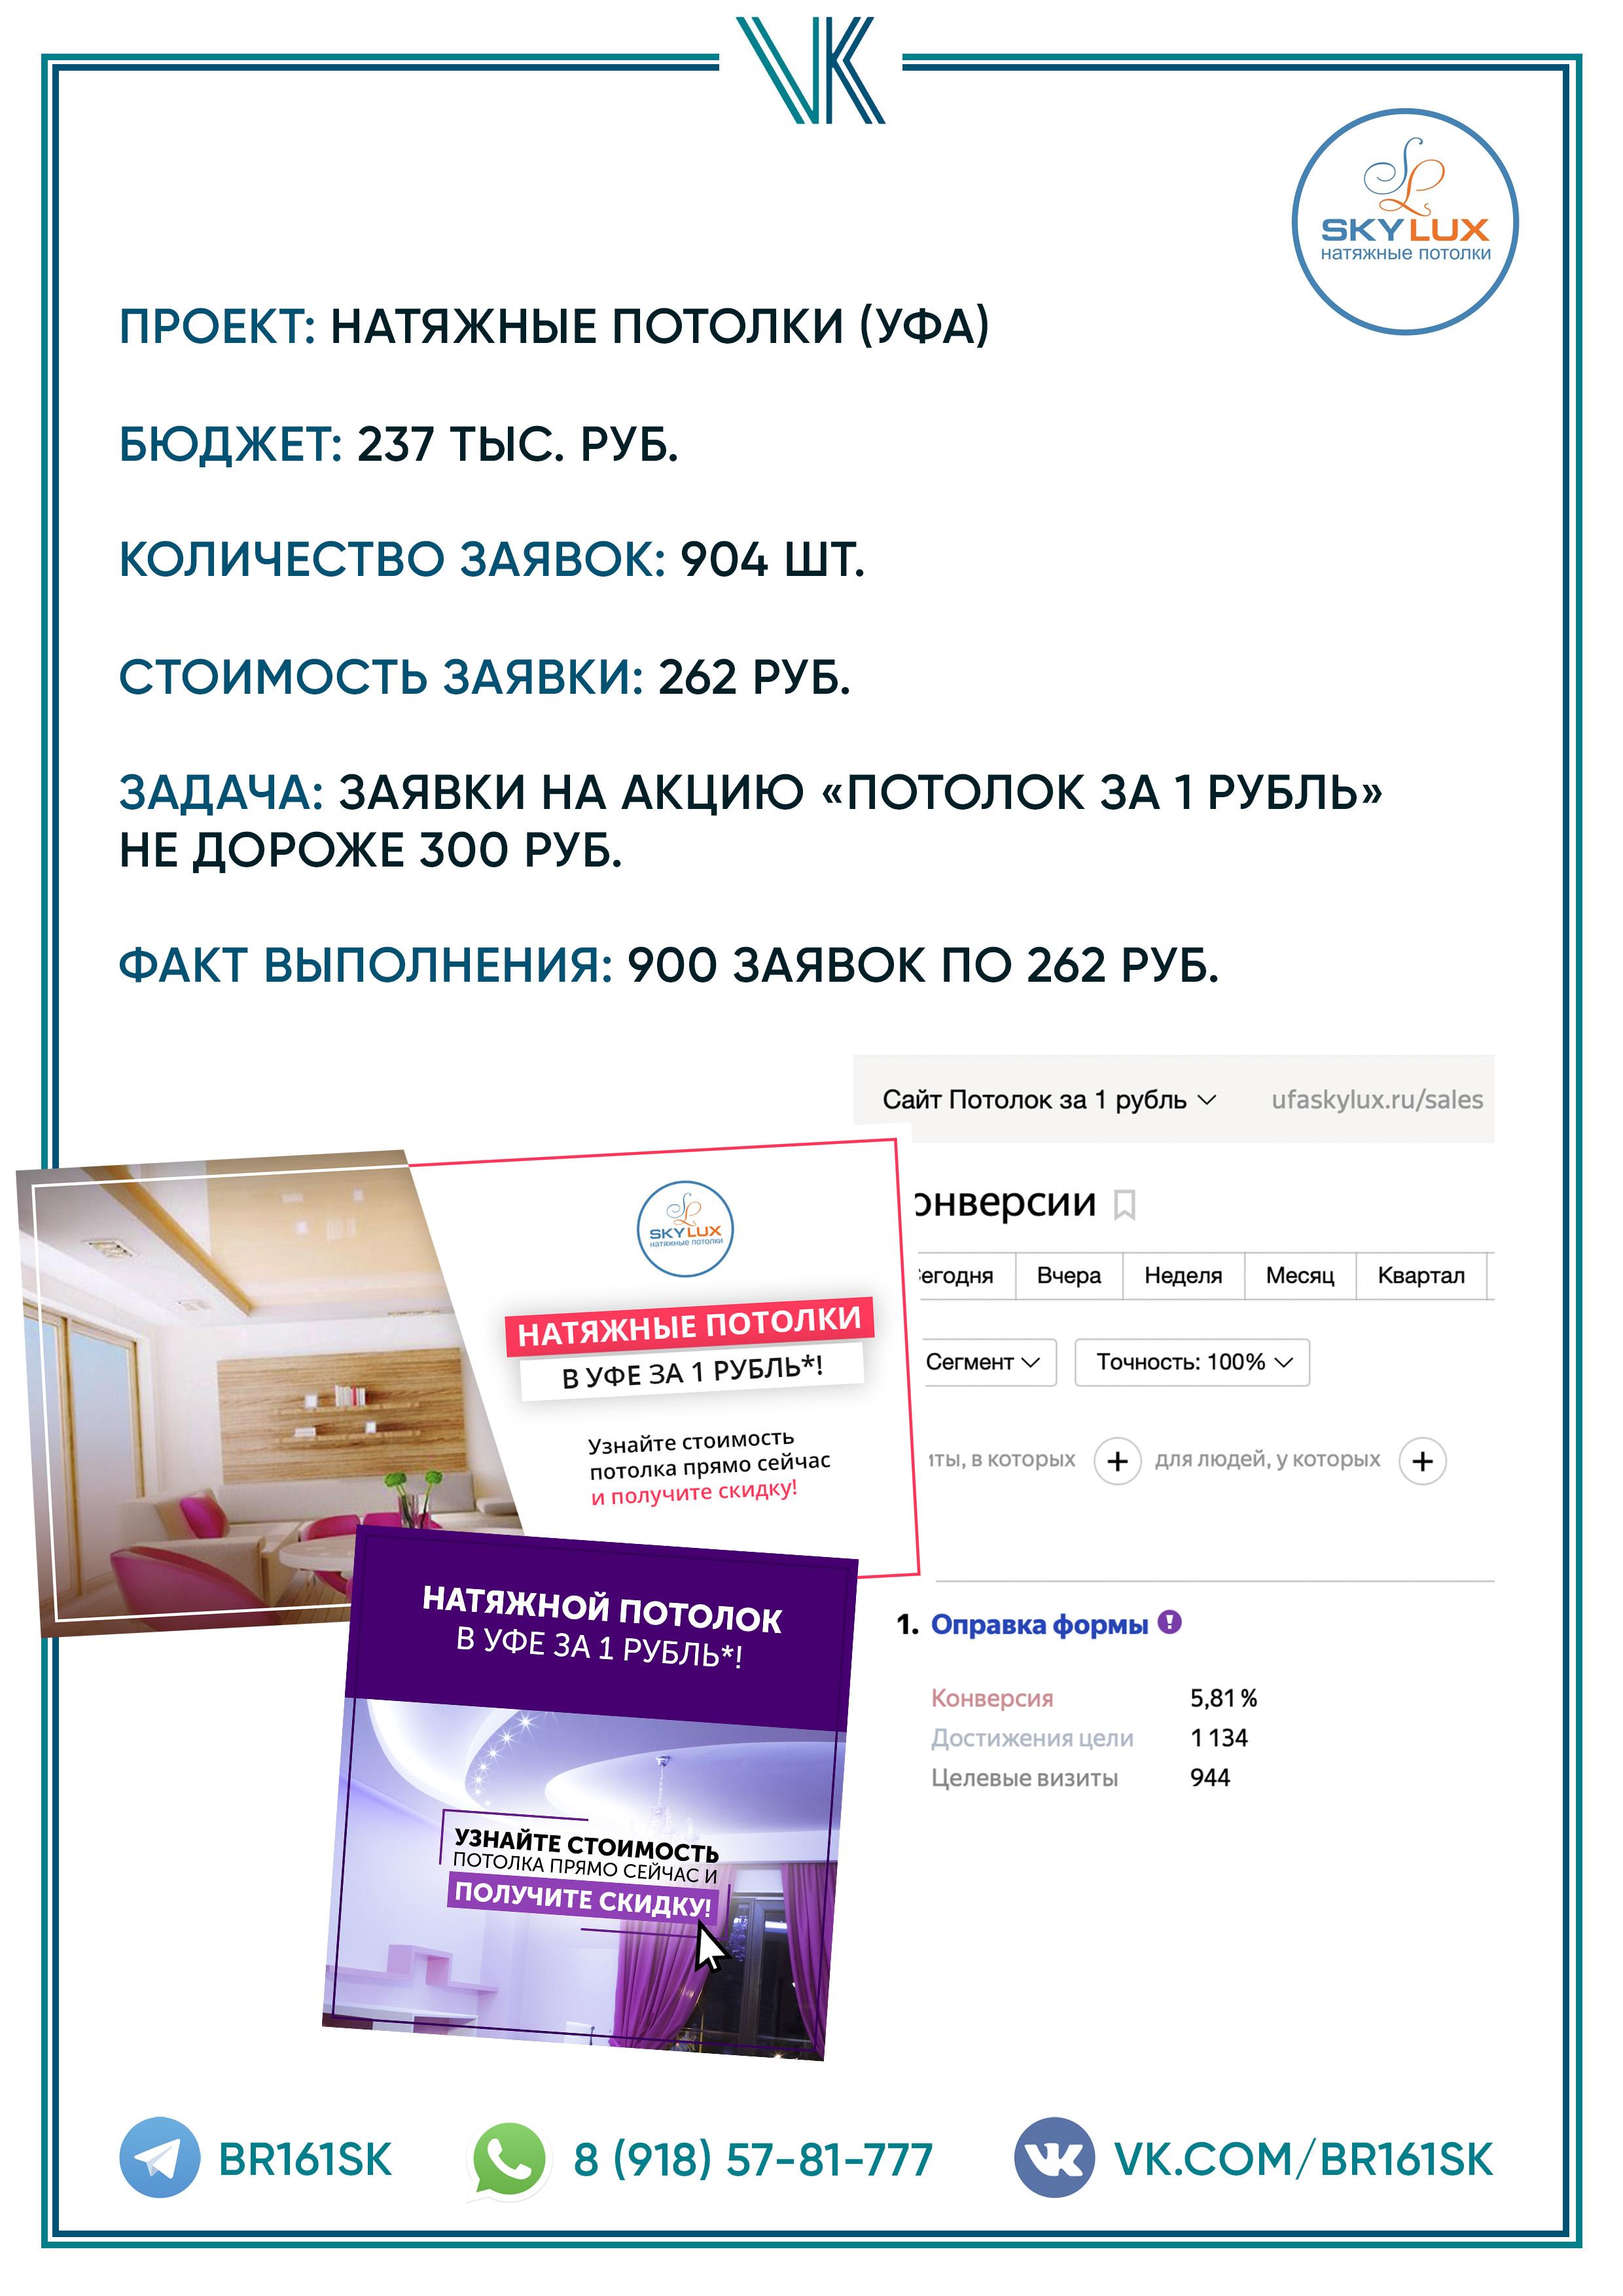 Кейс - 1000 заявок на натяжные потолки (все соц. сети)